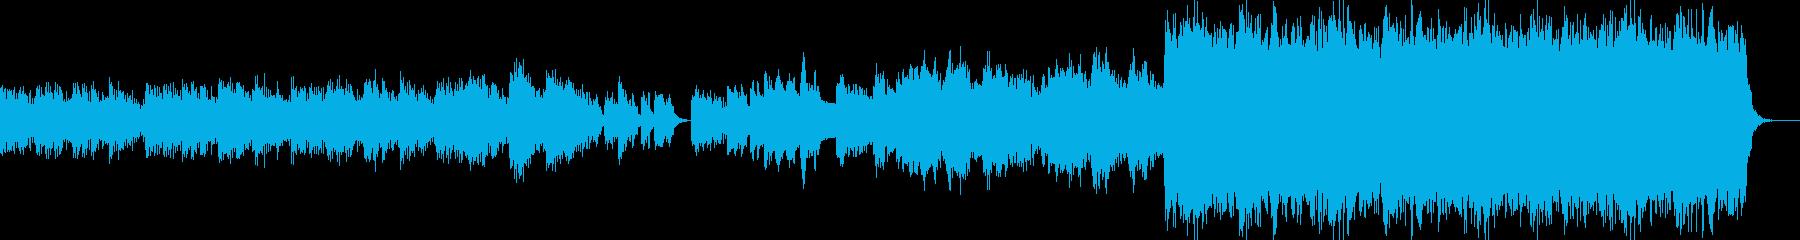 謎に満ちたピアノのリフは、奇妙な緊...の再生済みの波形